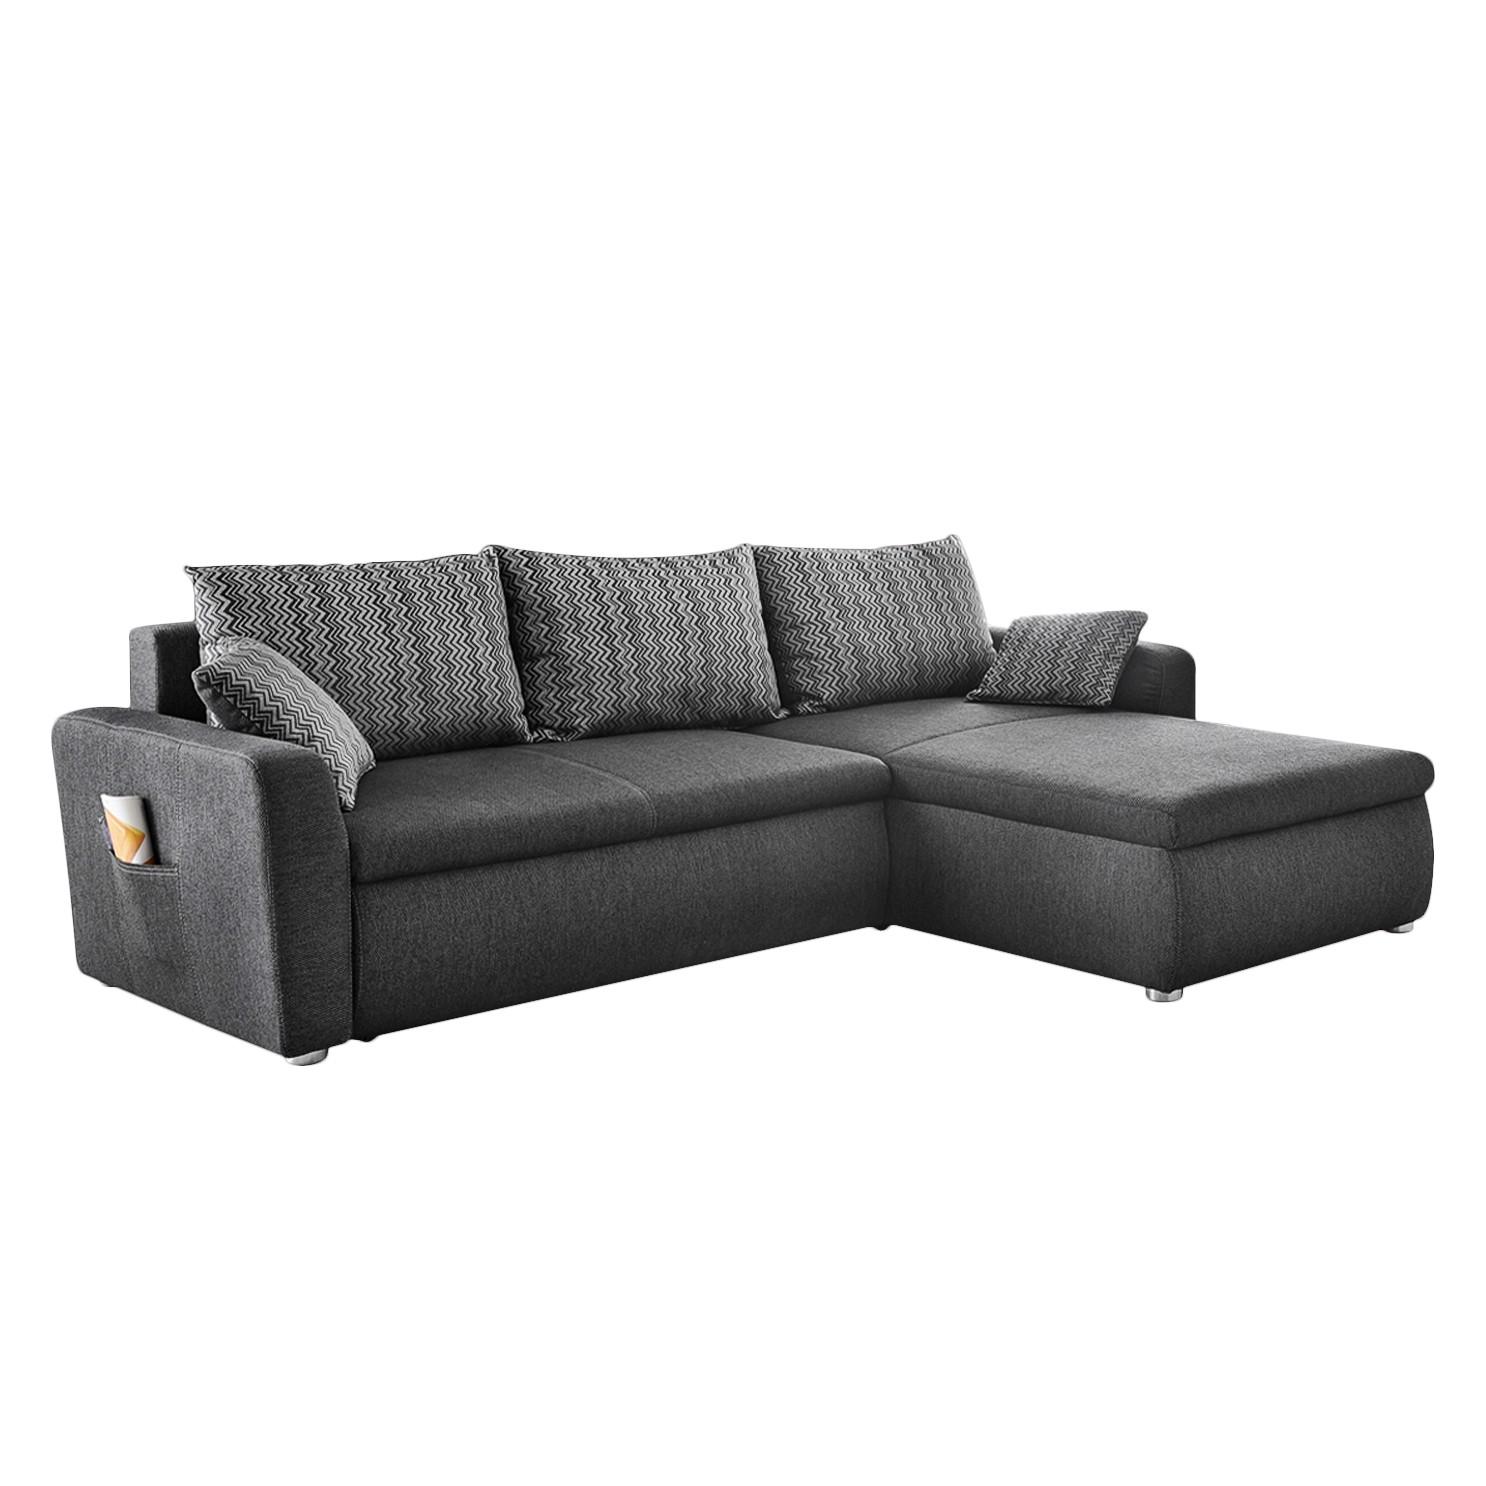 Canapé d'angle Jaru (convertible / Méridienne à droite ou gauche vue de face) - Toile tissée à plat - Anthracite, Home Design